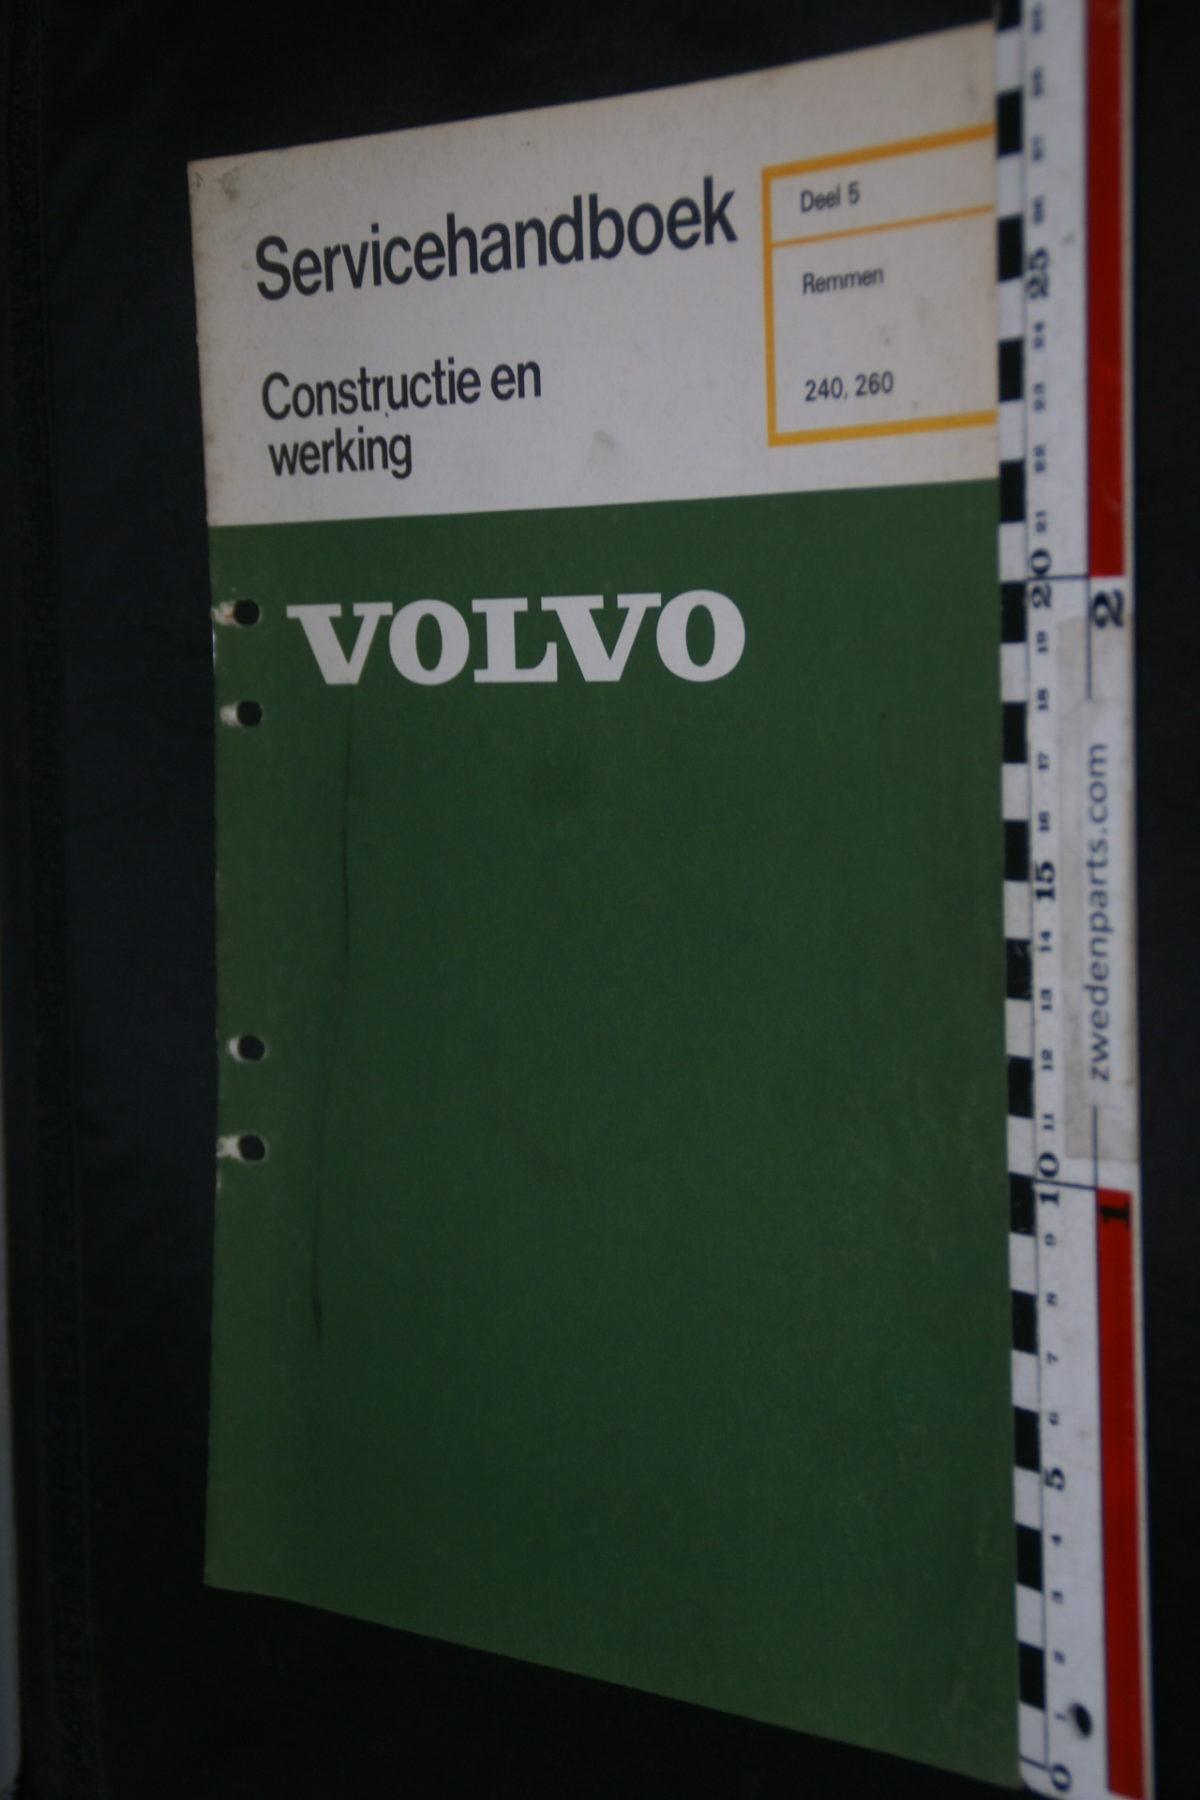 DSC08636 1976 origineel Volvo 240, 260 servicehandboek  5 remmen 1 van 800 TP 11482-1